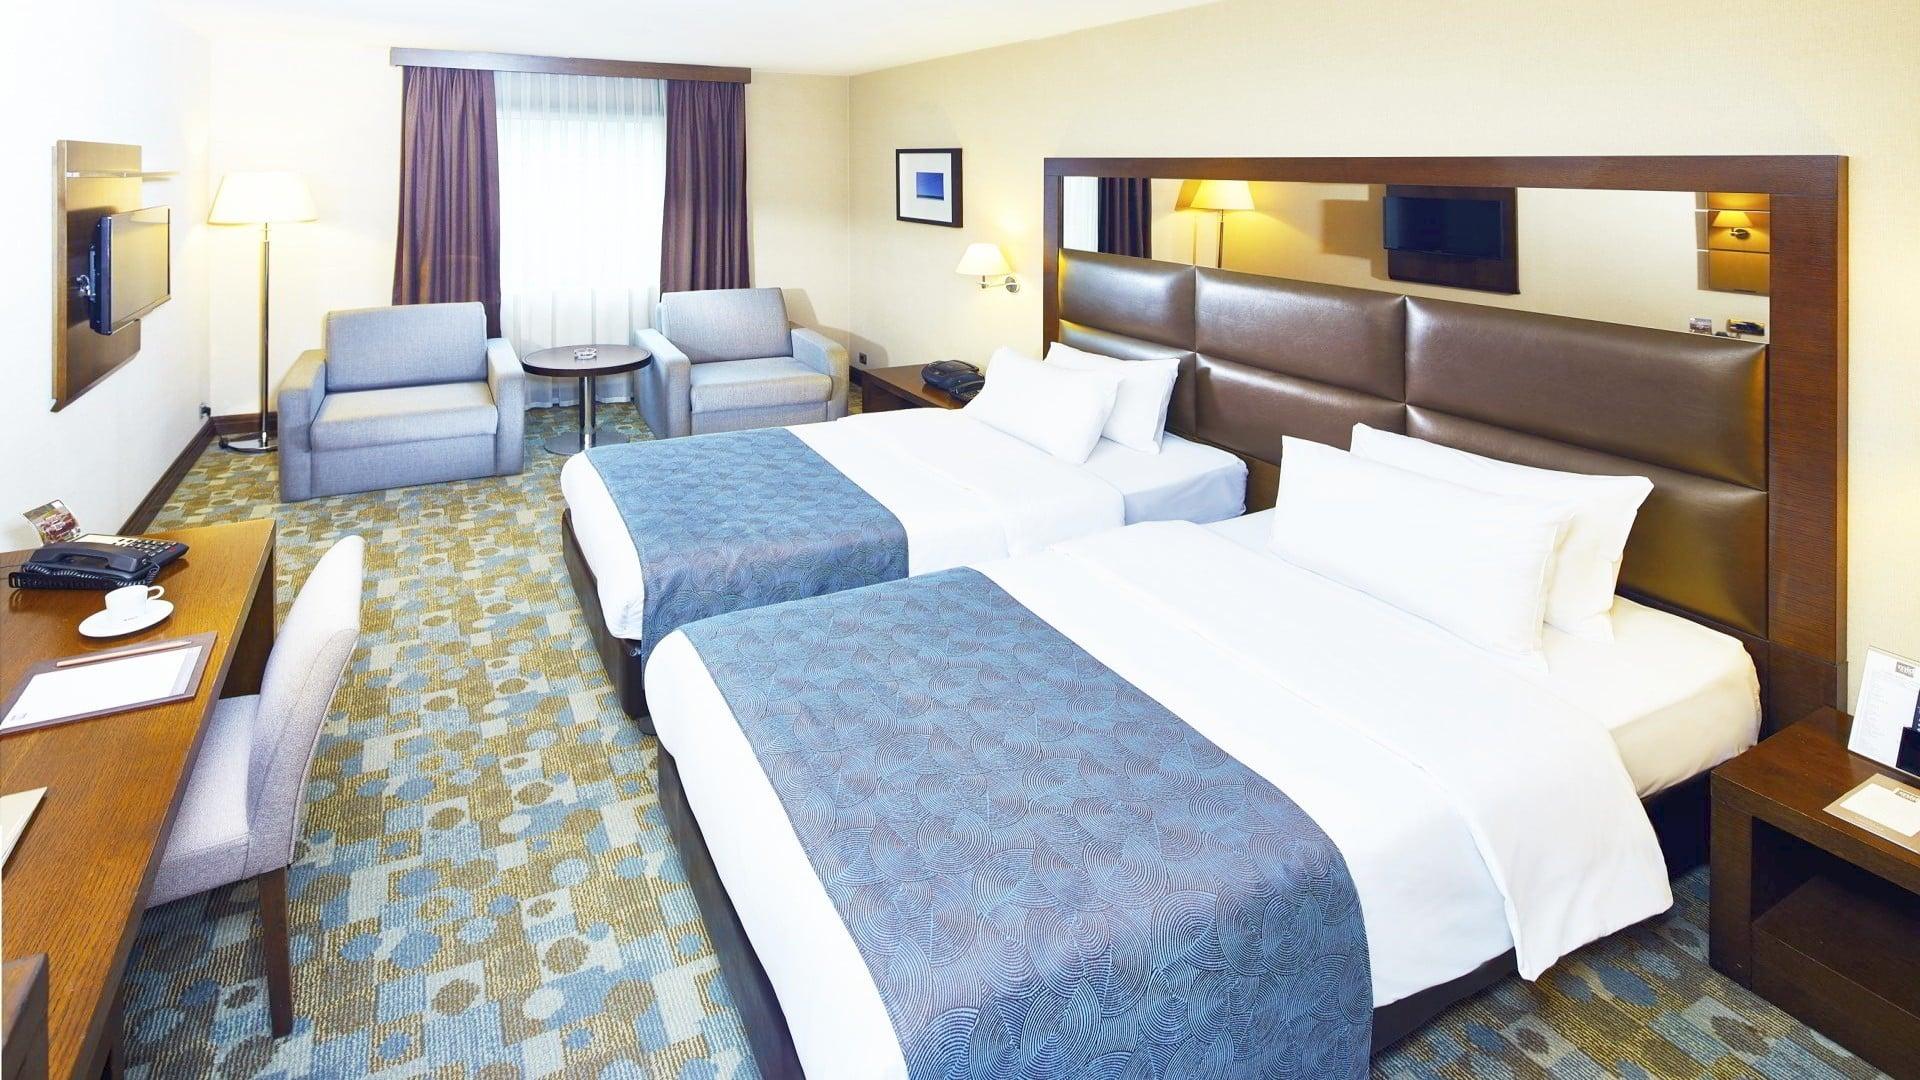 Midtown Hotel Luxury Family Room İnterior